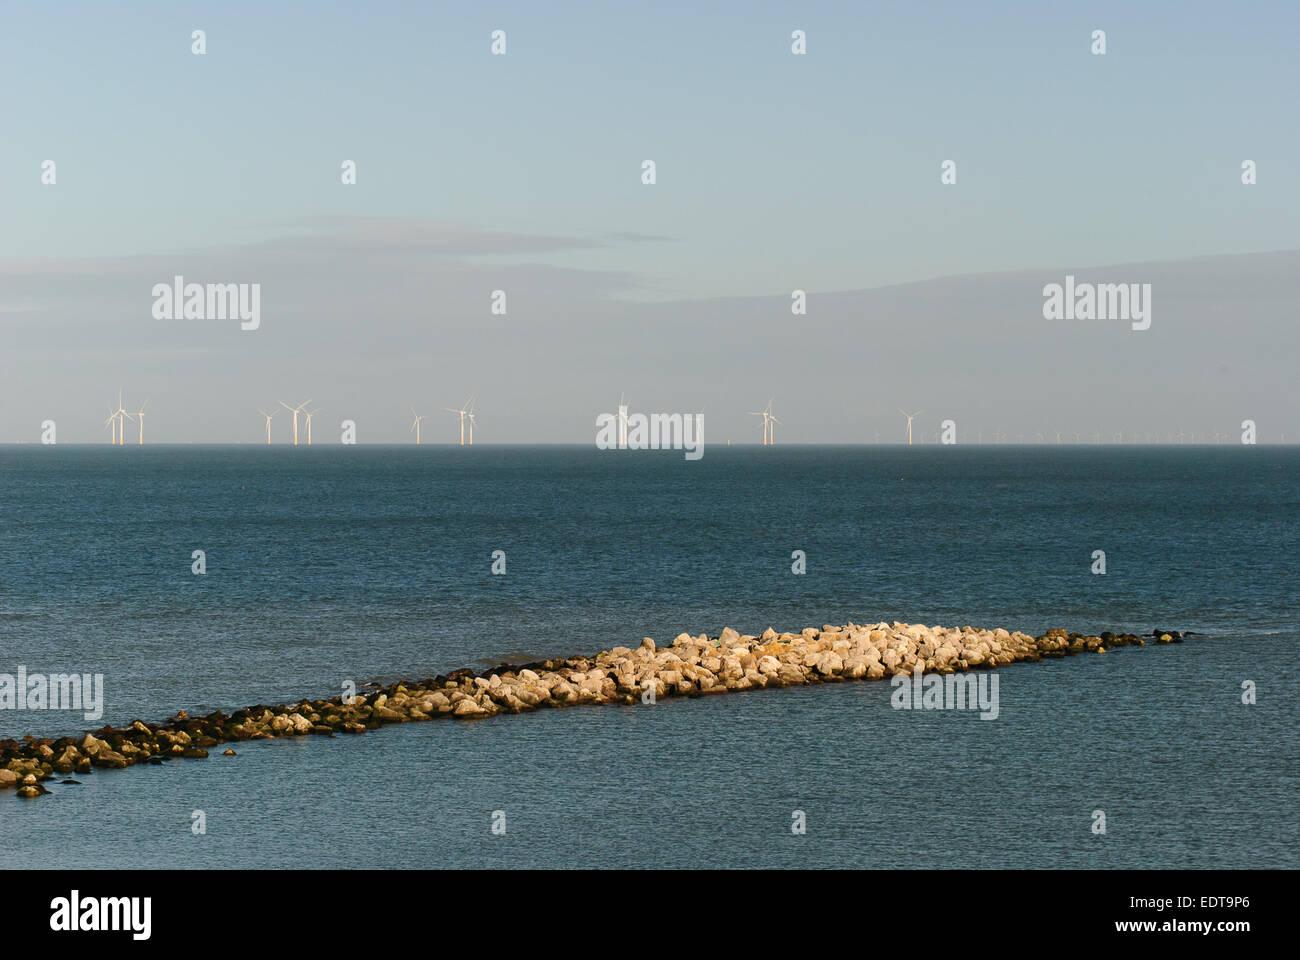 Sea Defence Rhos On Sea - Stock Image